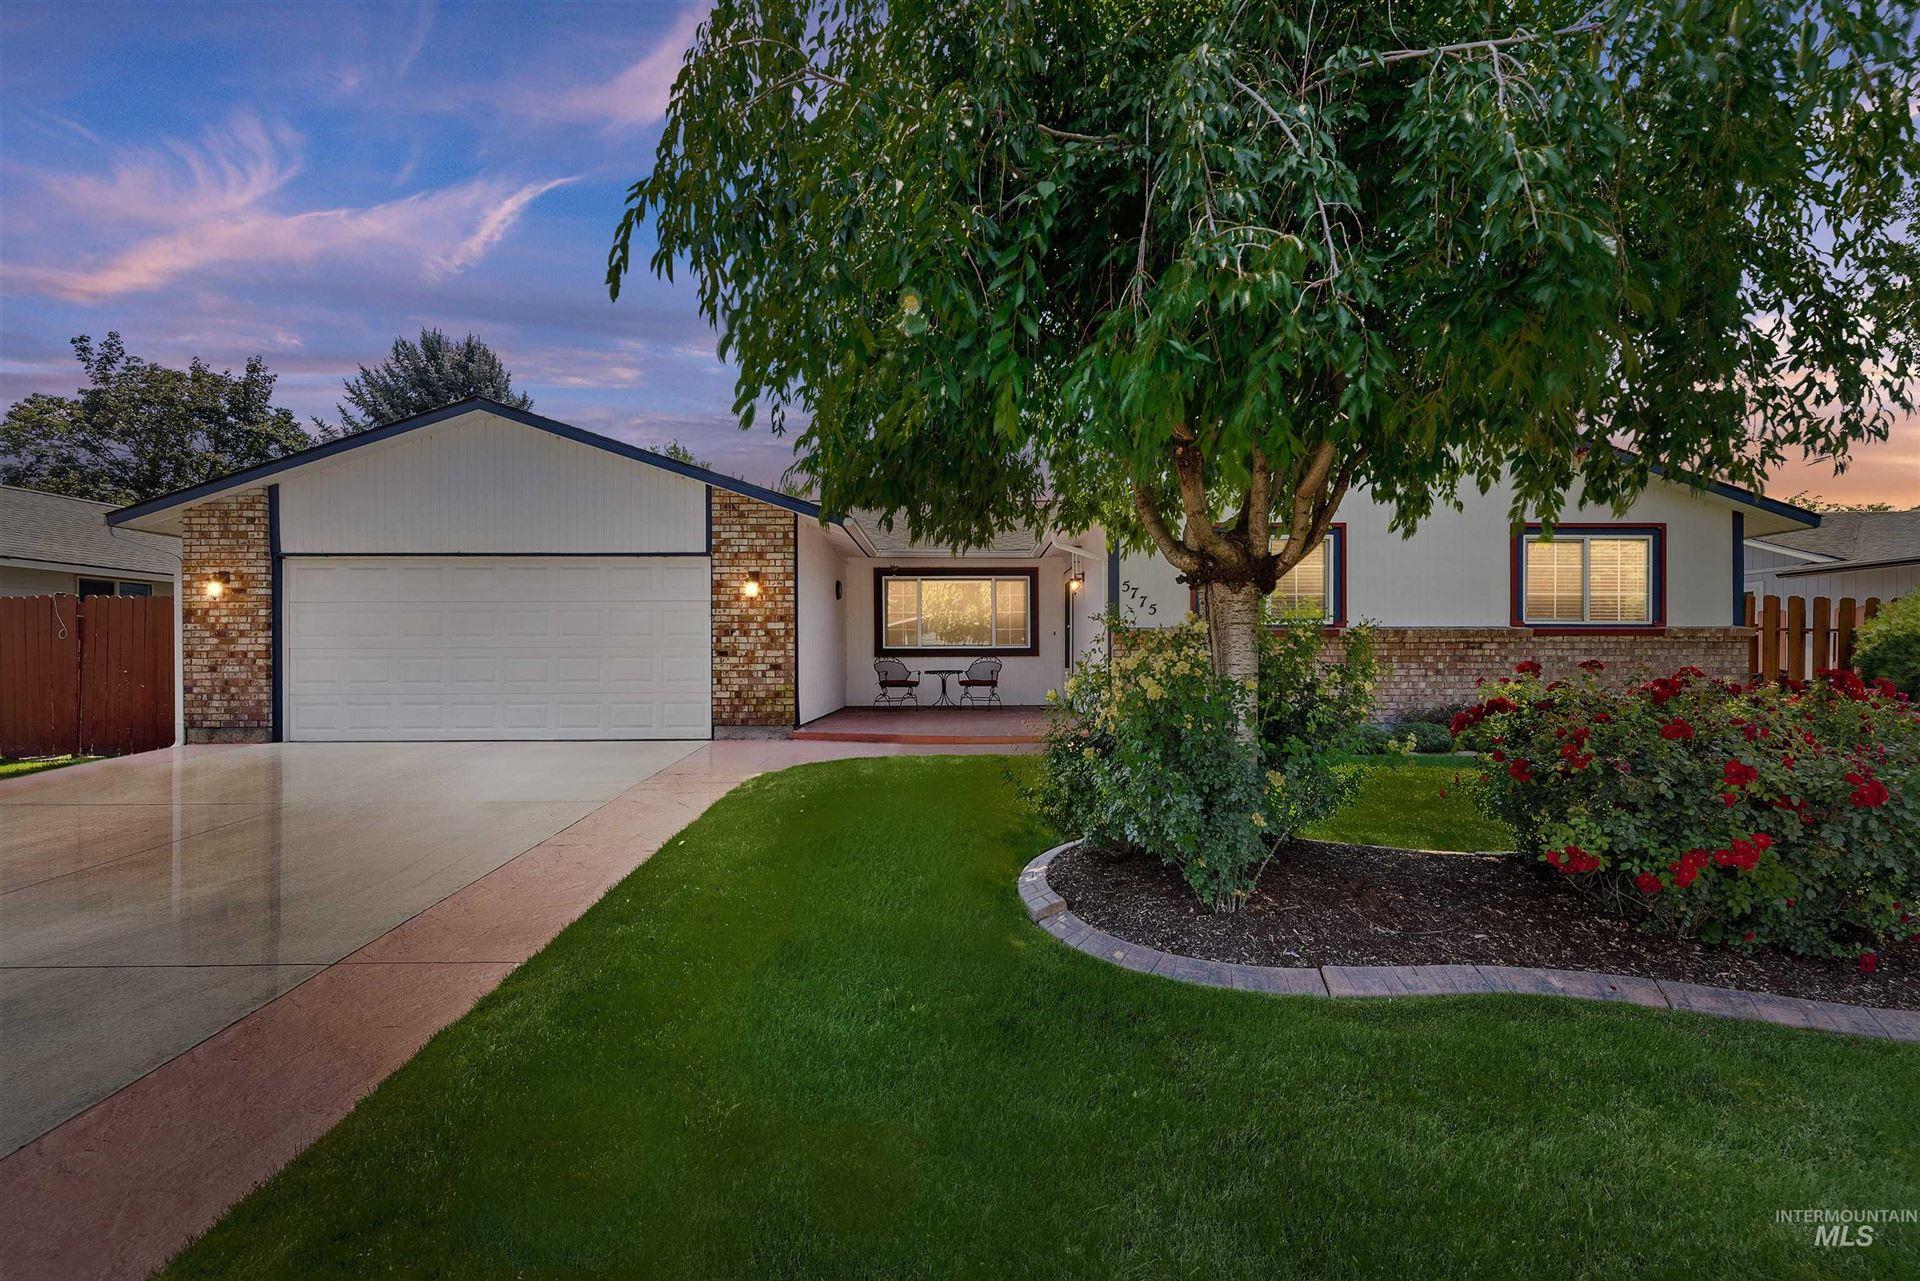 5775 W. Peachtree, Boise, ID 83703 - MLS#: 98815085